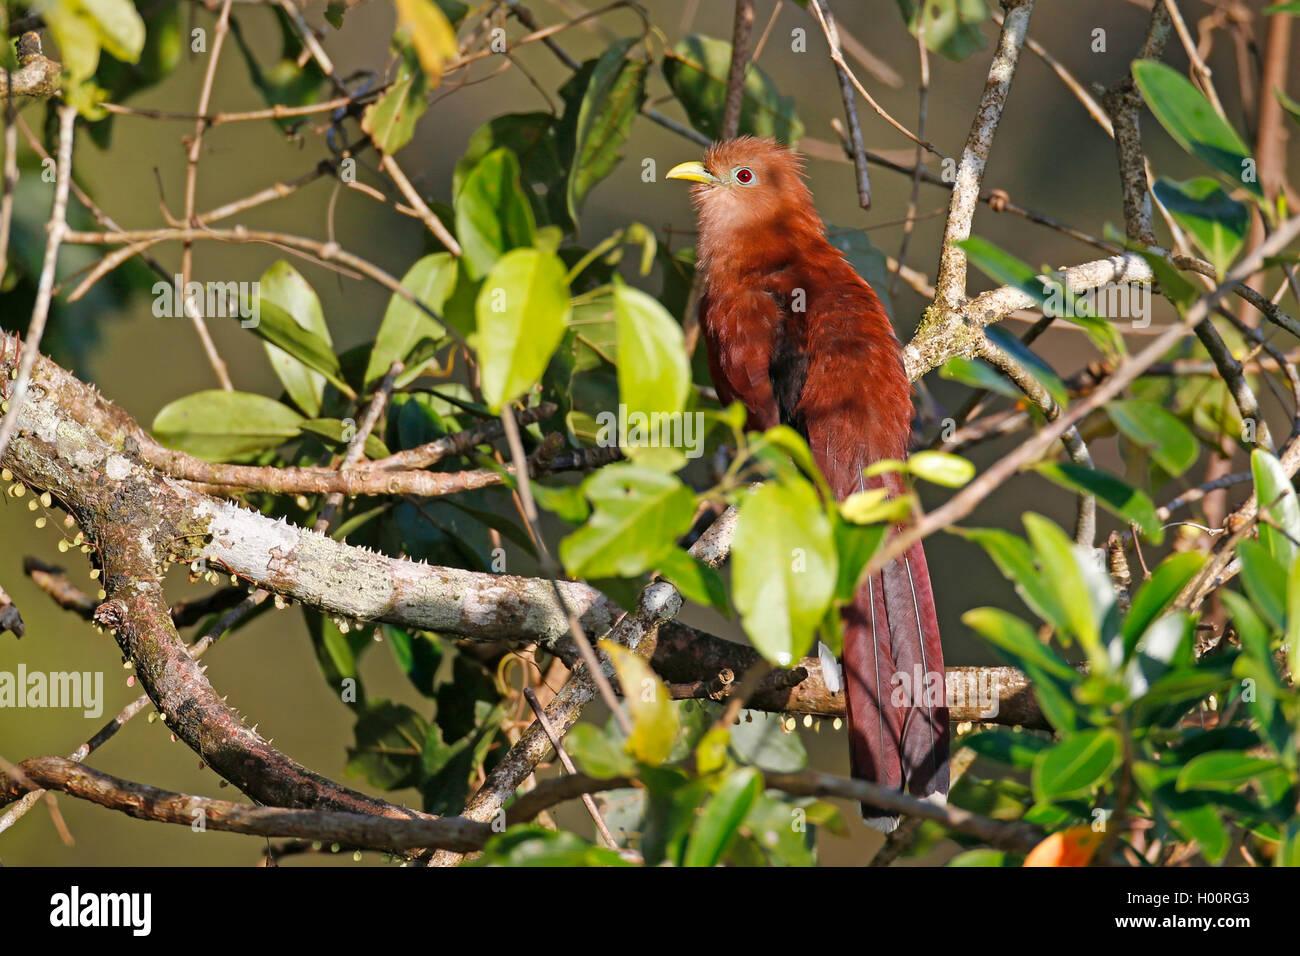 Cayennekuckuck, Cayenne-Kuckuck, Eichhornkuckuck, Eichhorn-Kuckuck (Piaya cayana), sitzt auf einem Ast im Baum, - Stock Image